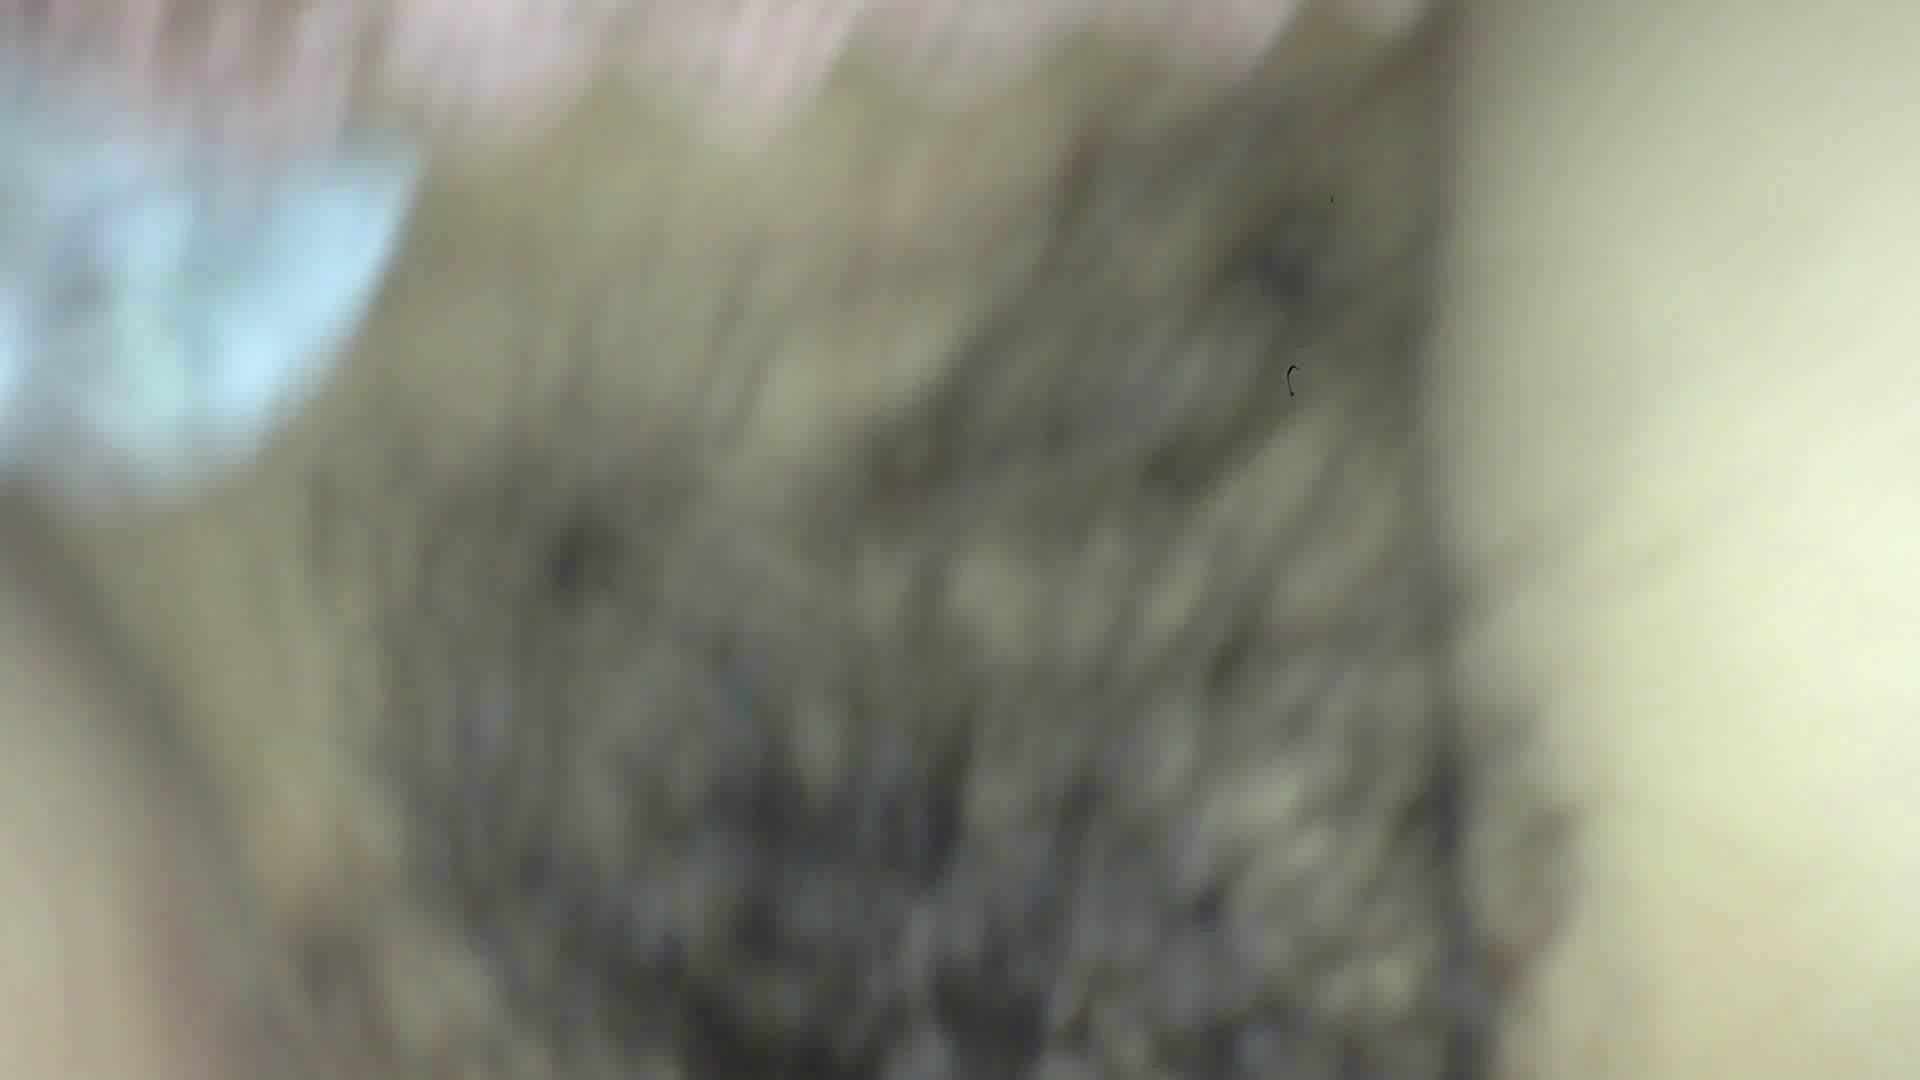 ヒトニアラズvol.5 セックス おまんこ無修正動画無料 112枚 50